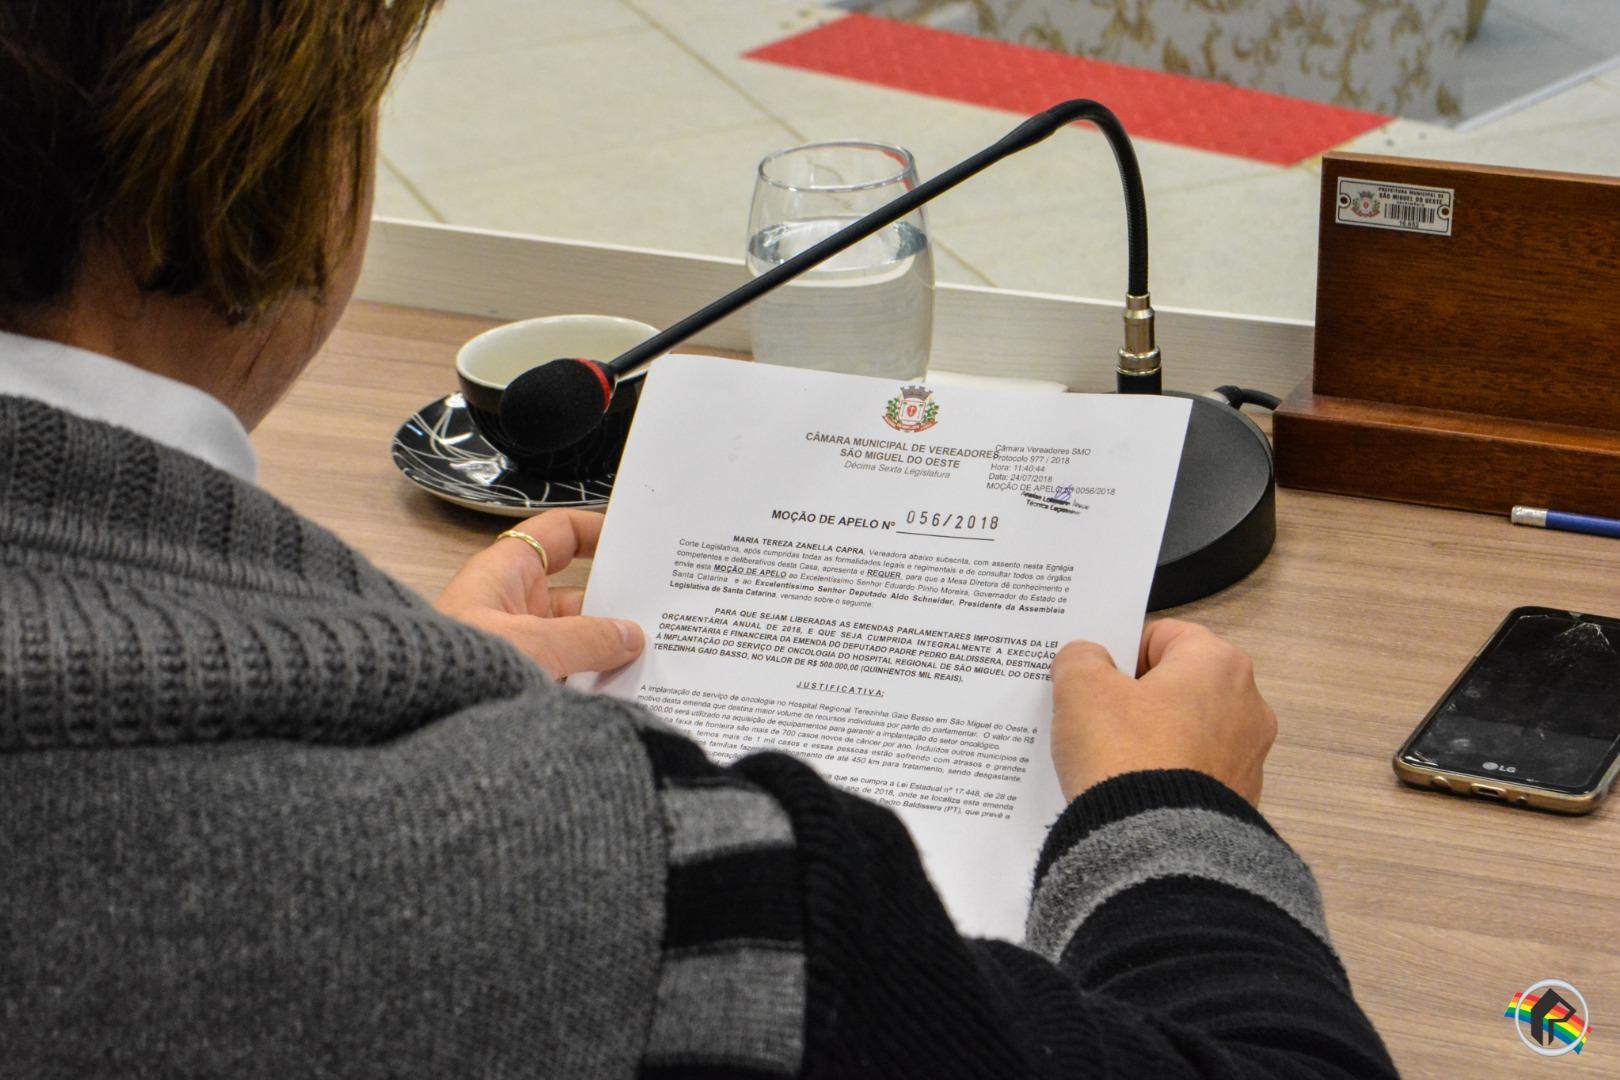 Moção solicita alteração dos valores repassados para o Hospital Regional